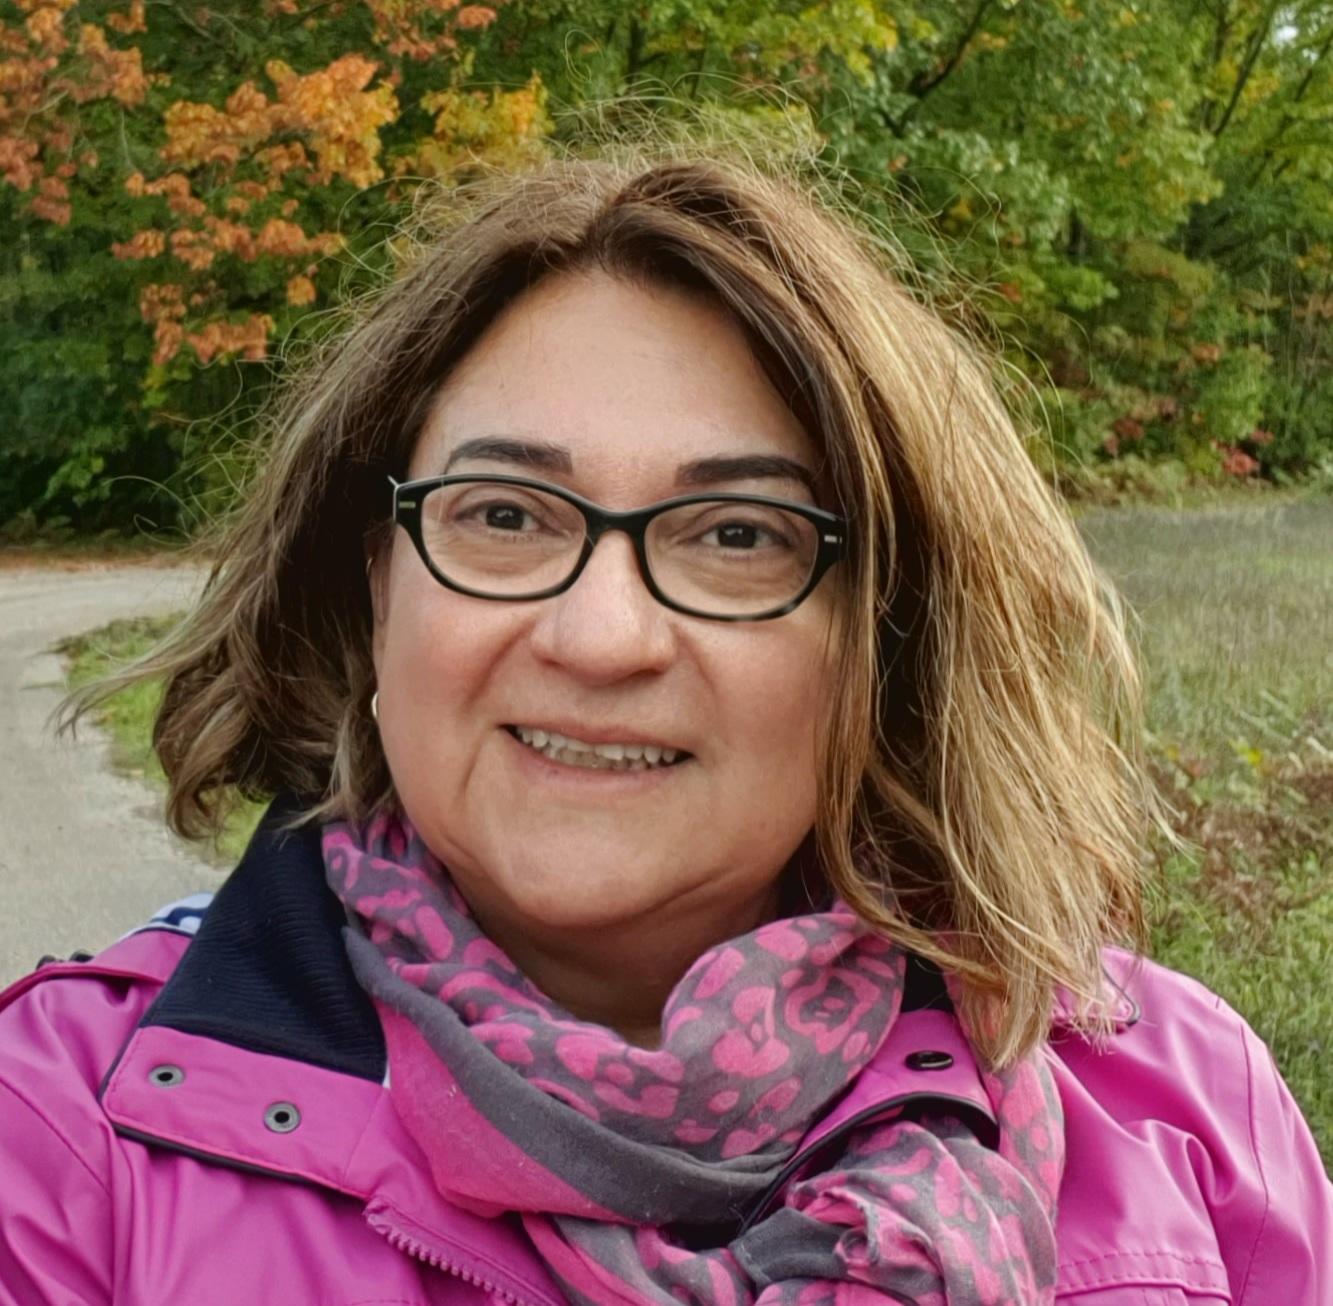 Cecilia Zanni-Merk